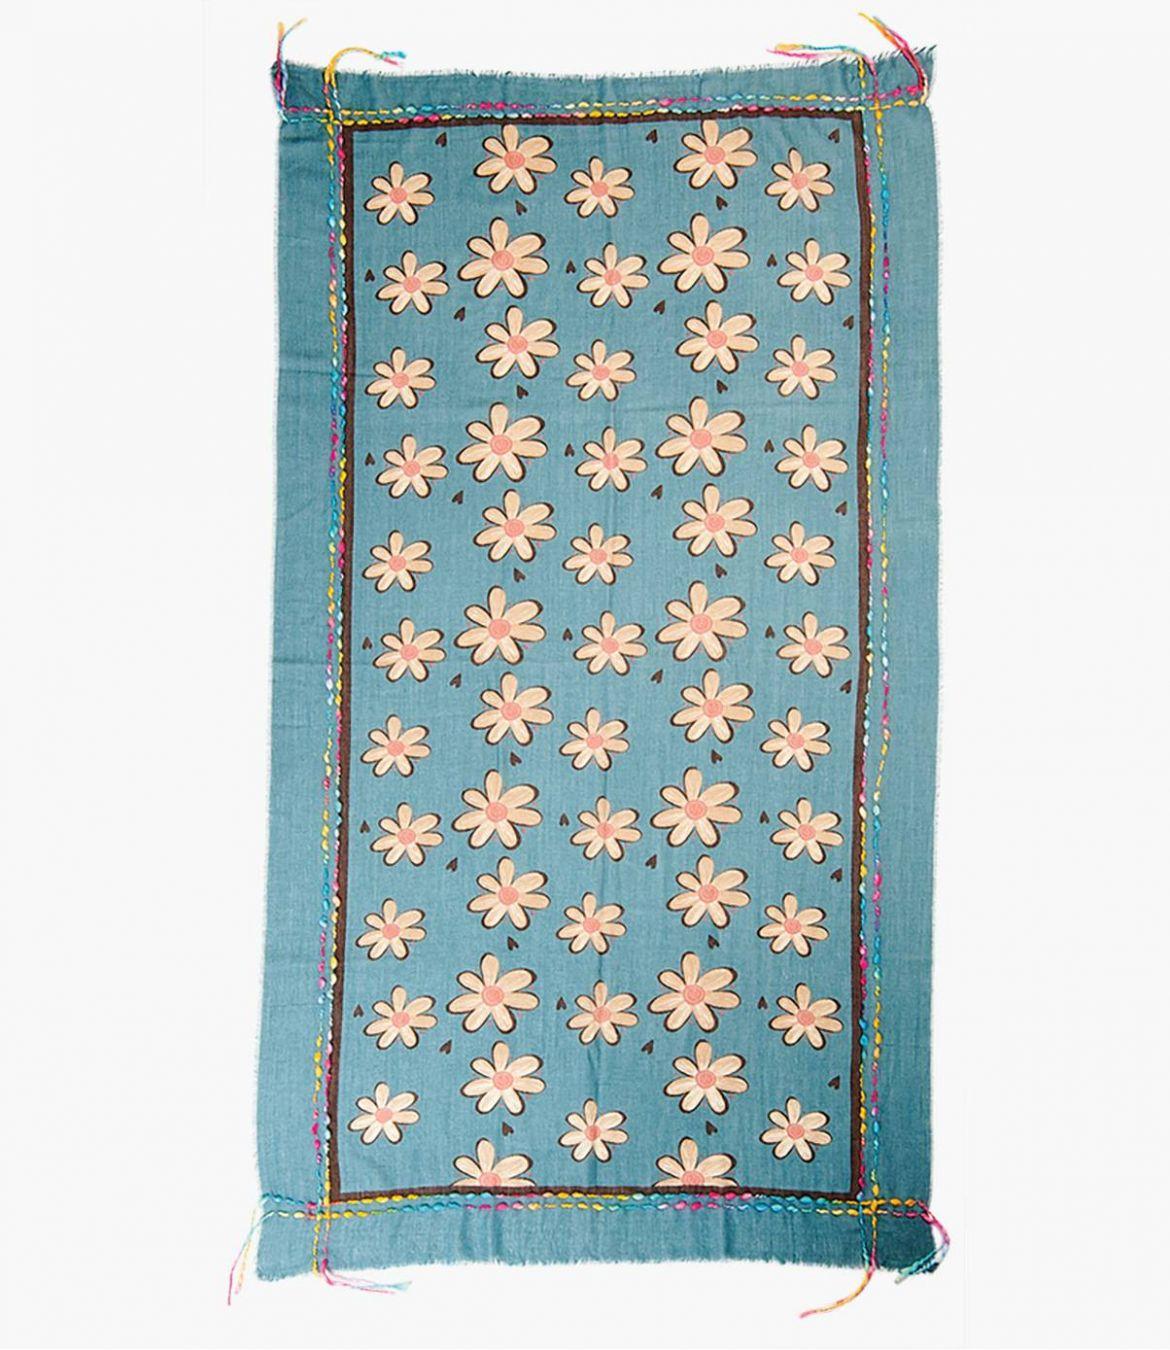 FRAICHE Wool scarf, Acrylic for Women 90 x 200 CM Storiatipic - 2